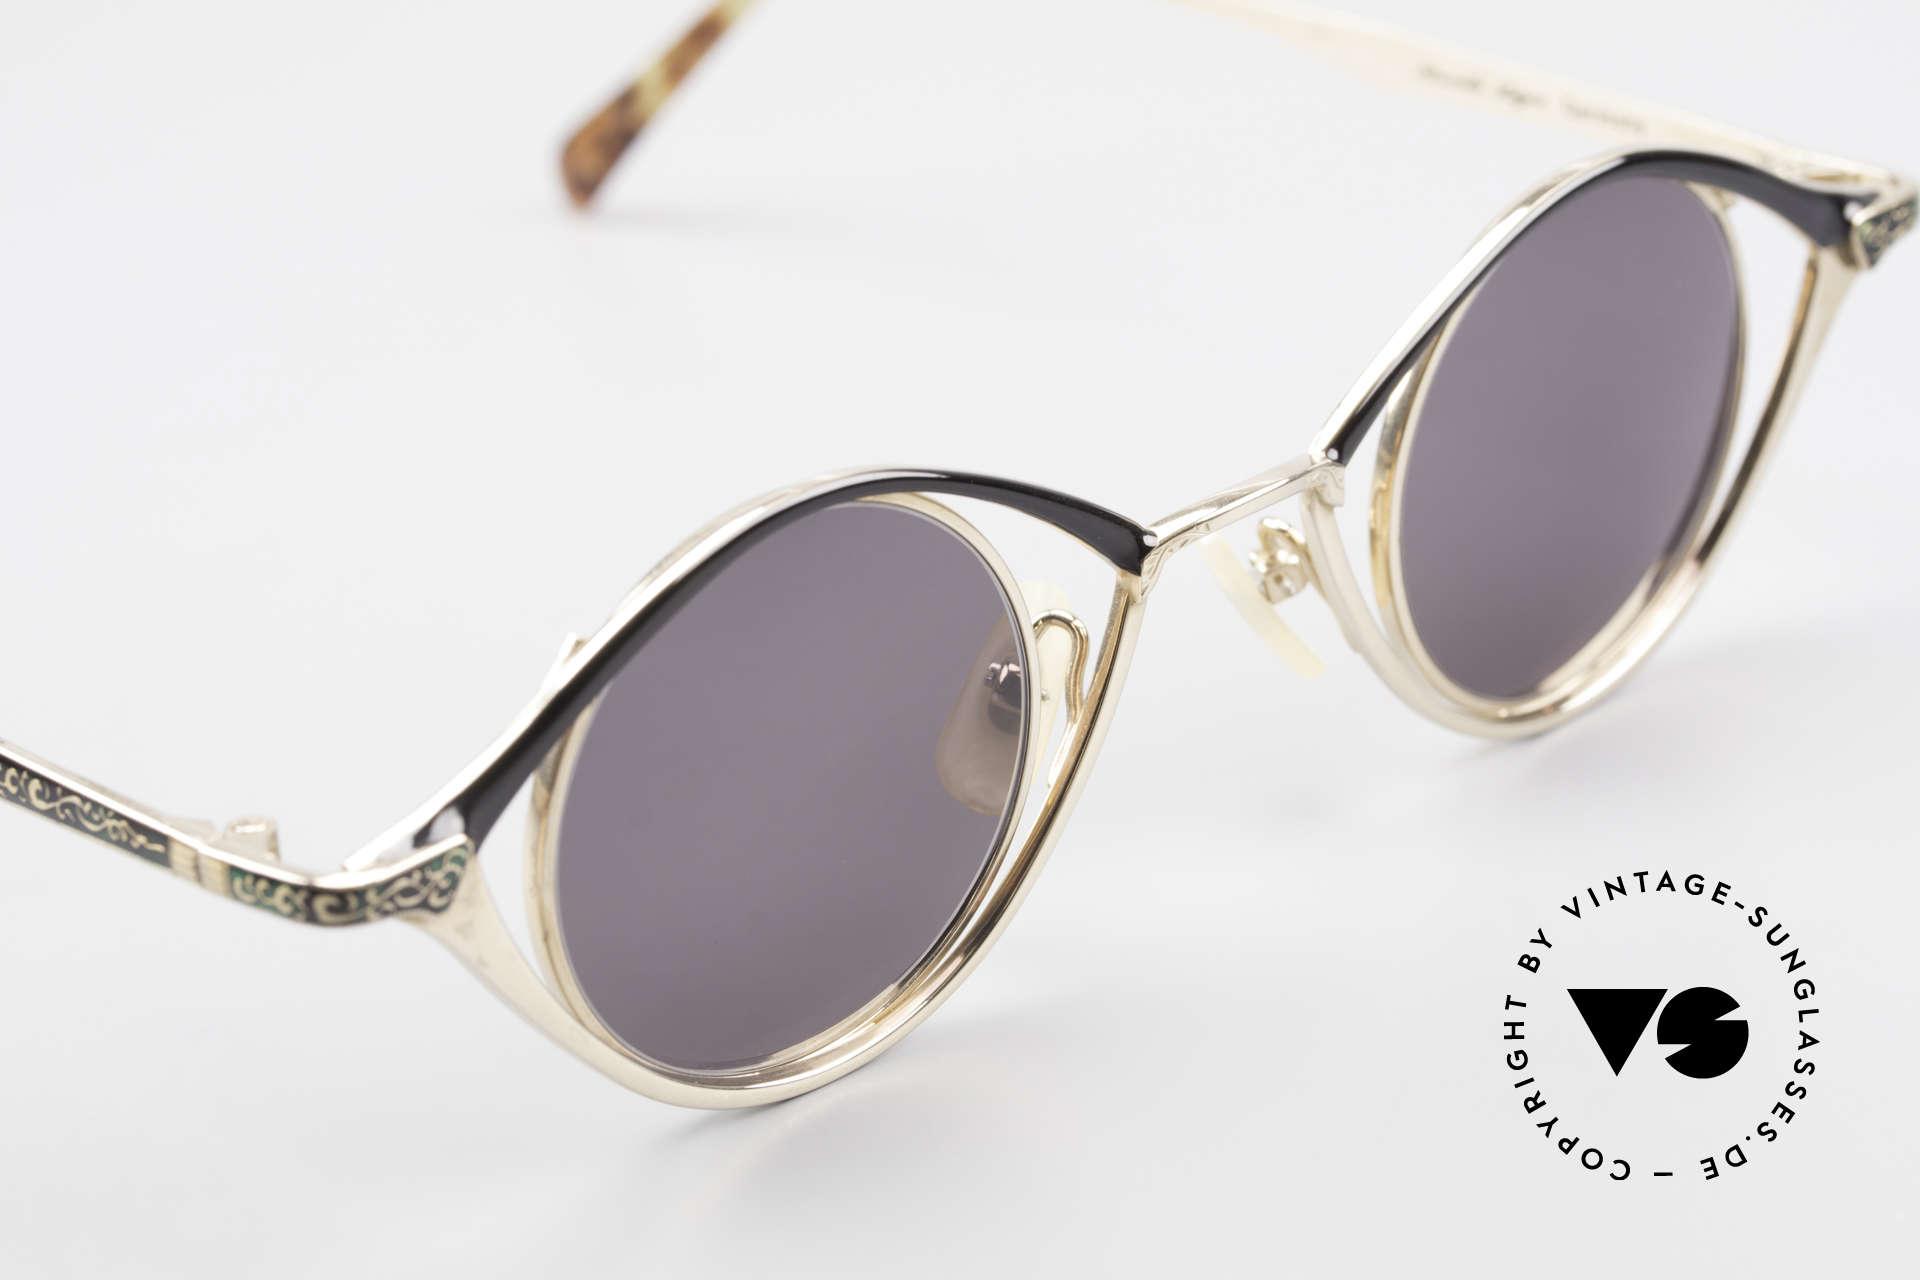 Nouvelle Ligne Q40 Vintage Damensonnenbrille, KEINE RETRO-Brille, sondern ein altes Original!, Passend für Damen